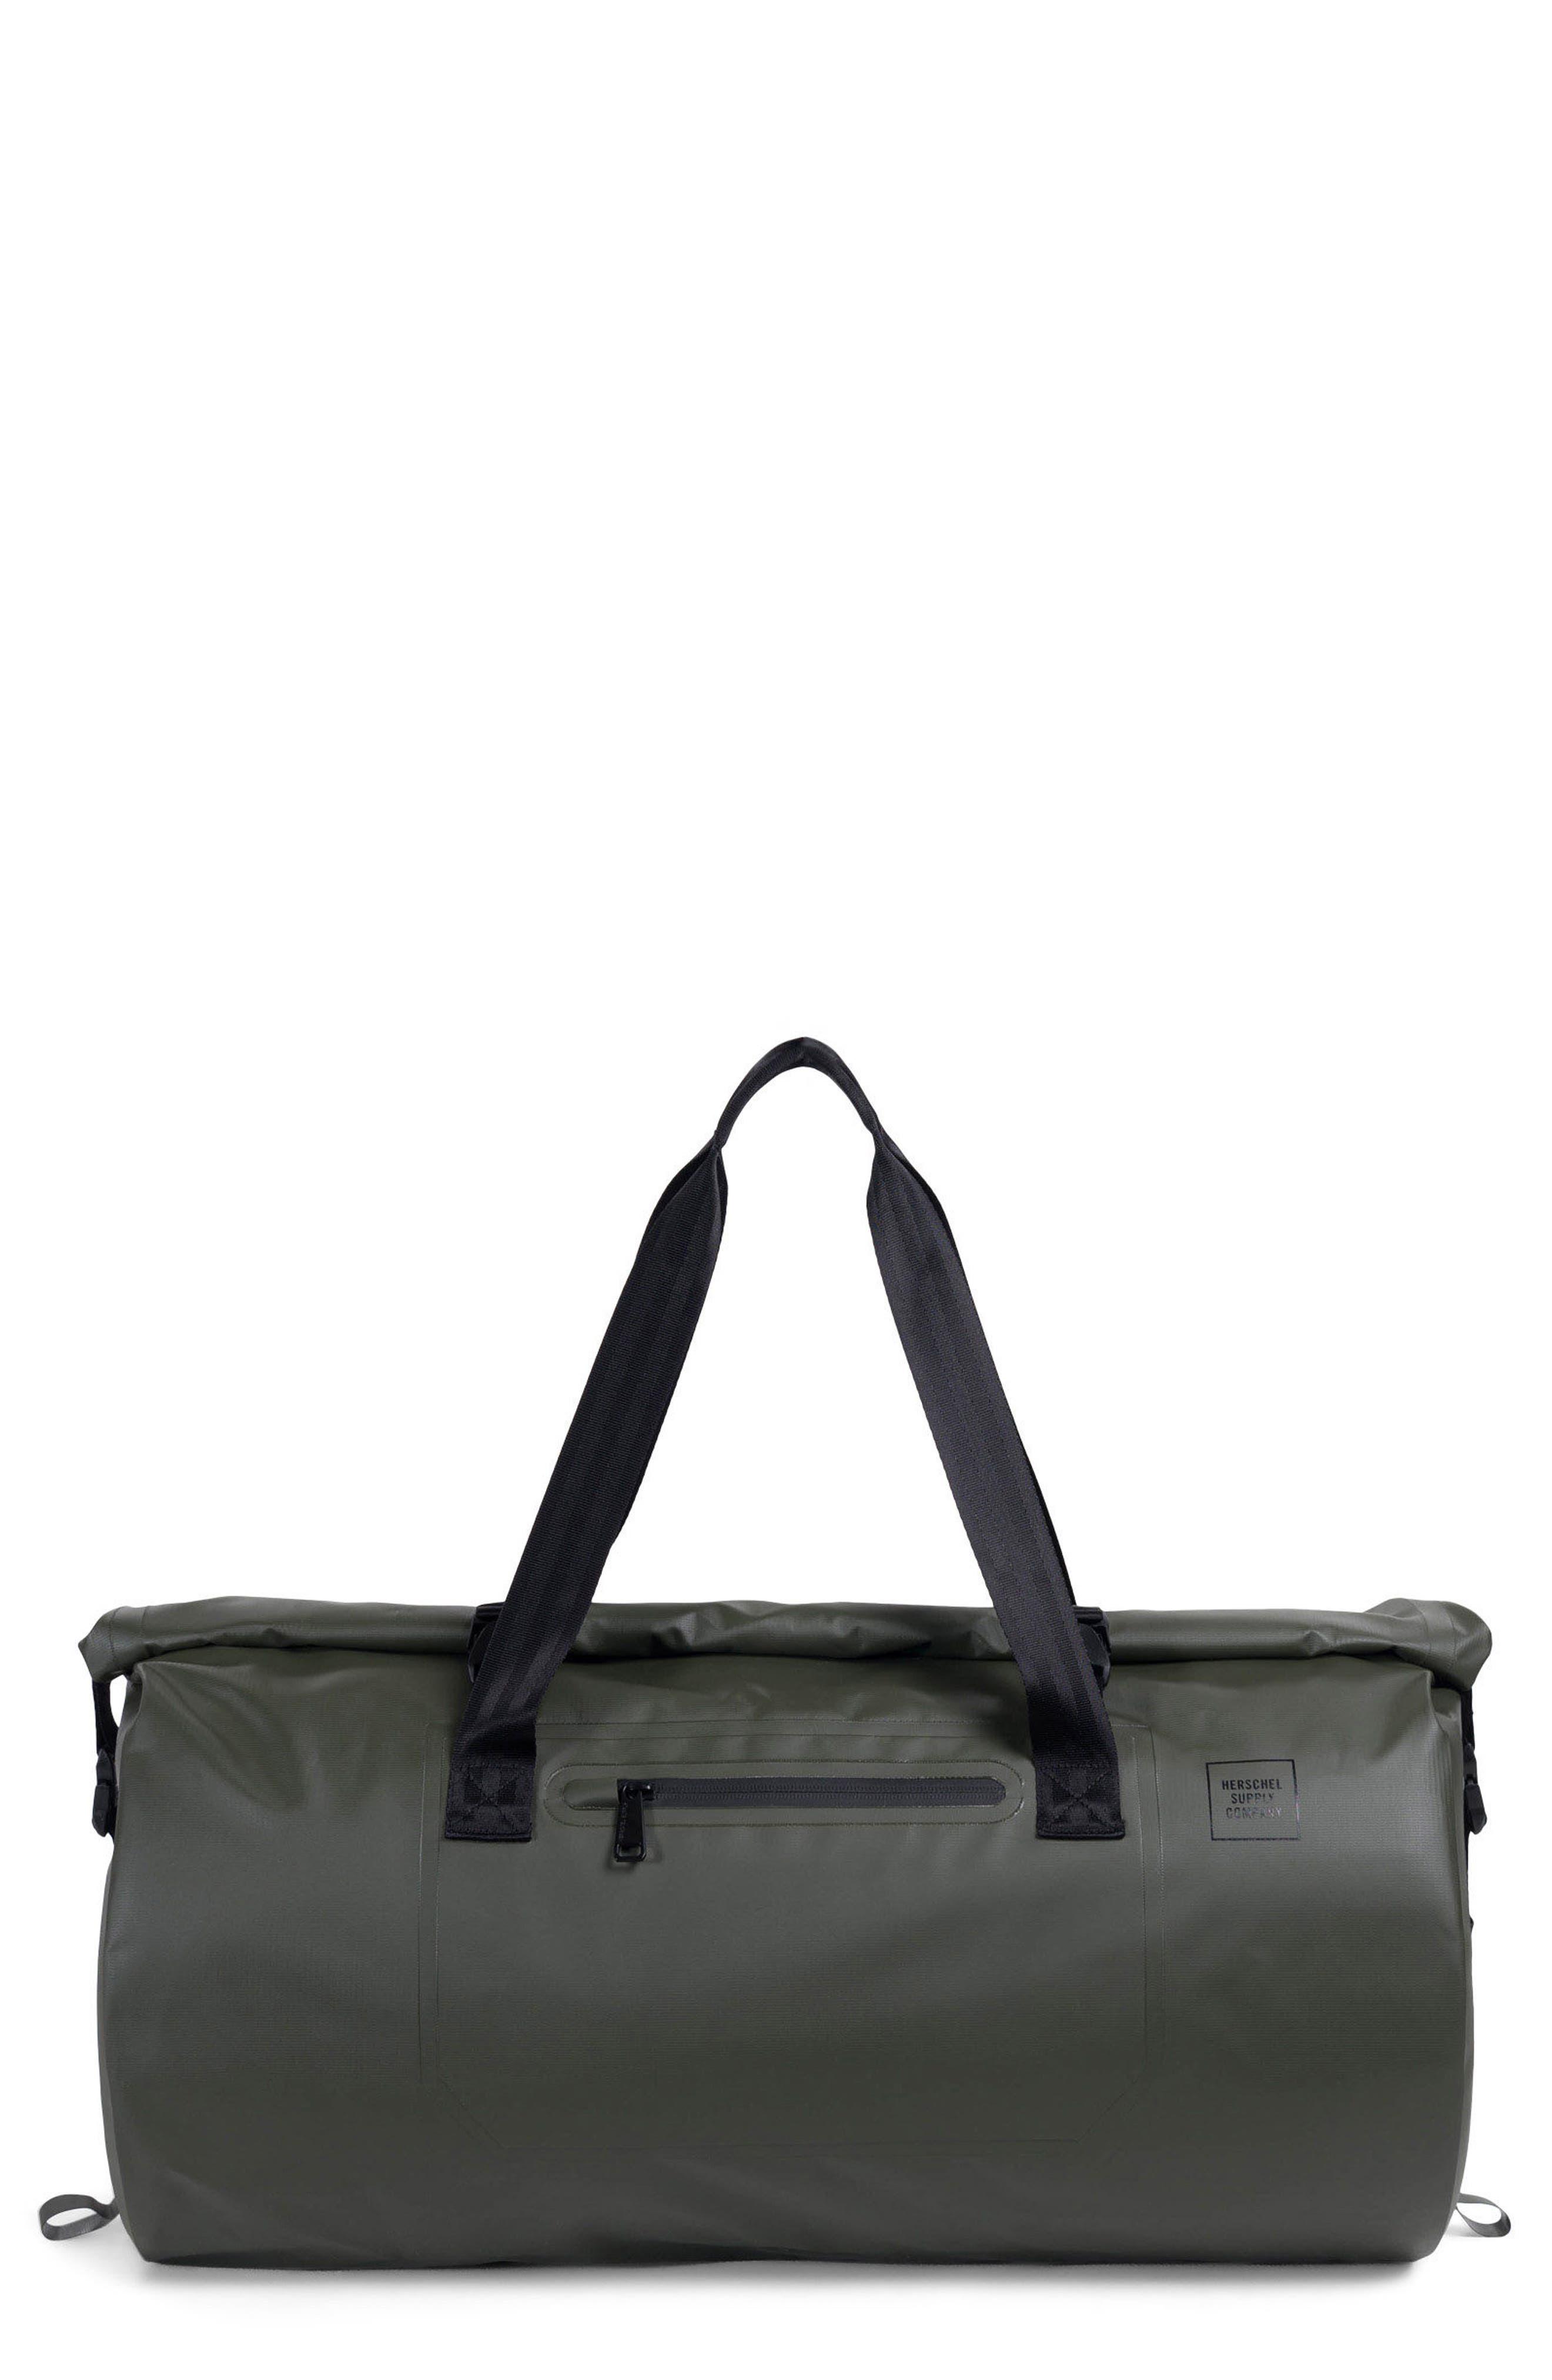 Herschel Supply Co. Coast Studio Collection Duffel Bag